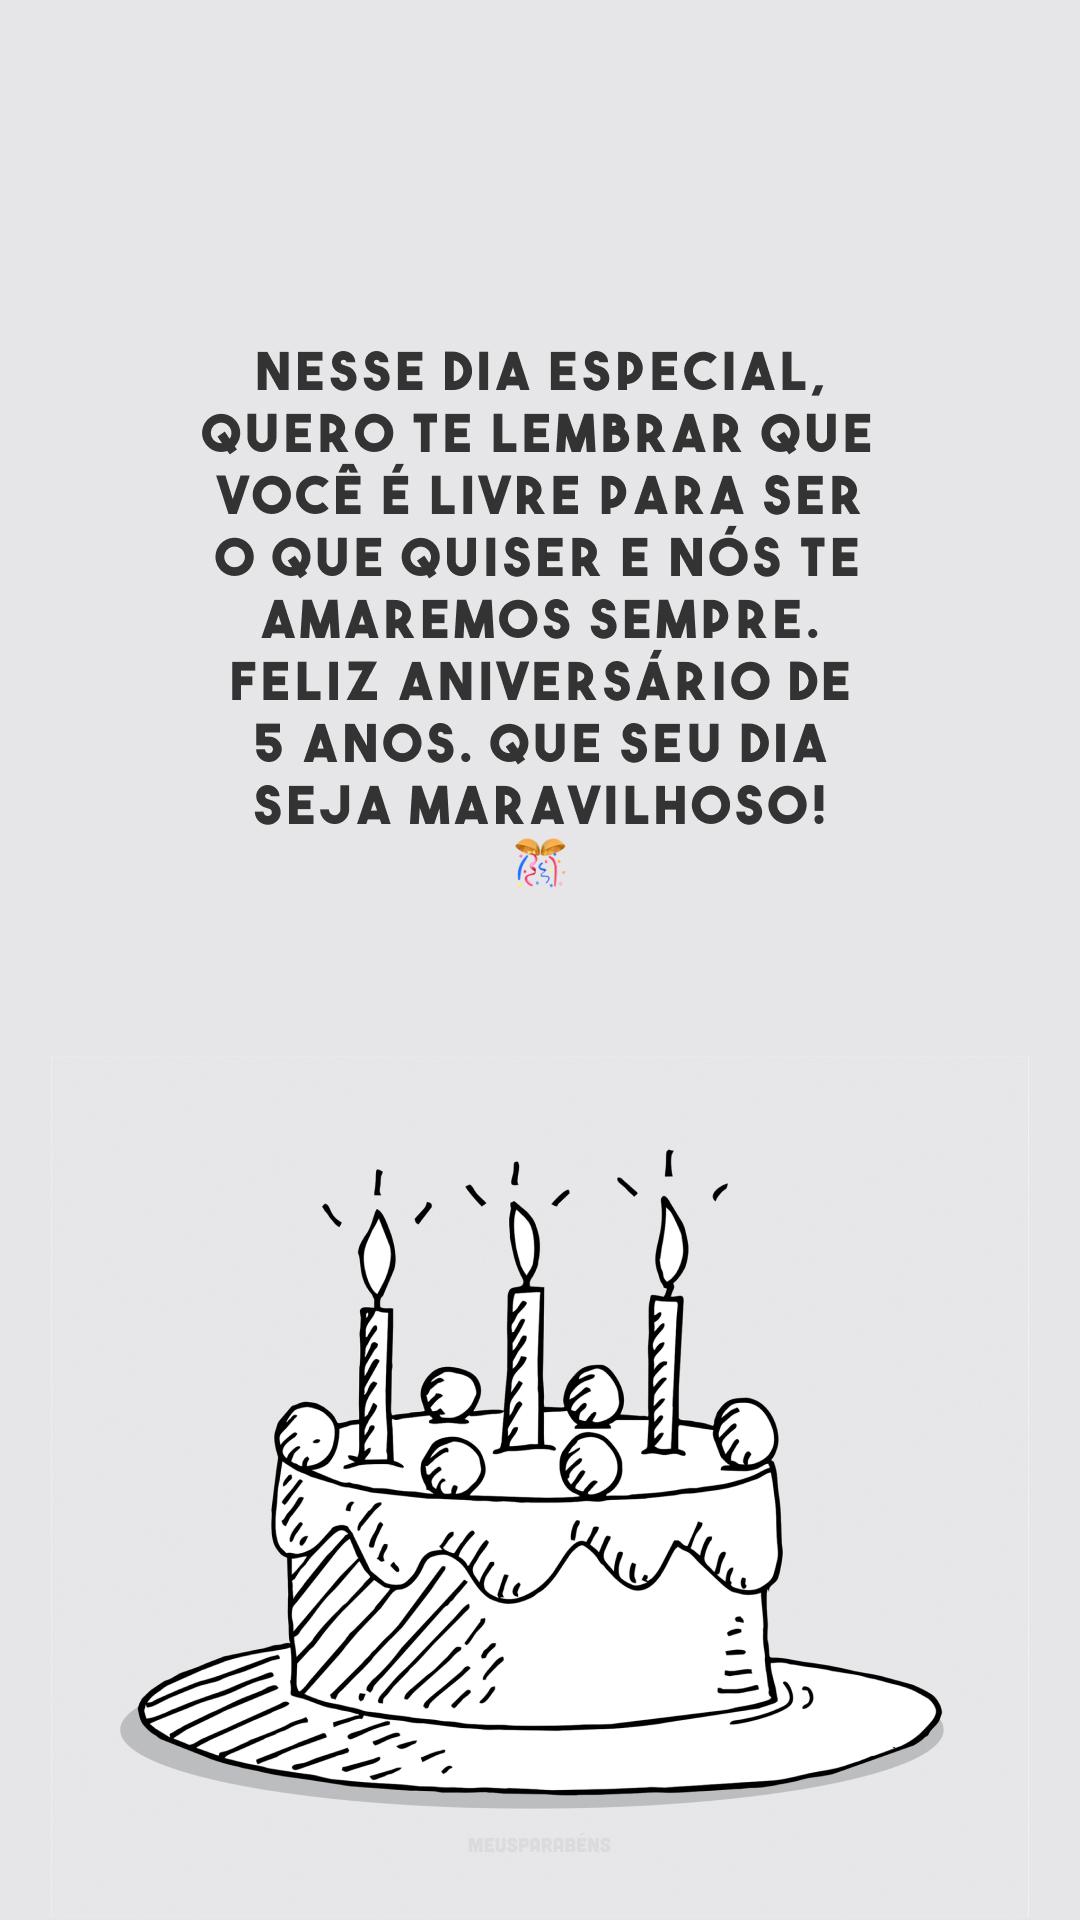 Nesse dia especial, quero te lembrar que você é livre para ser o que quiser e nós te amaremos sempre. Feliz aniversário de 5 anos. Que seu dia seja maravilhoso! 🎊